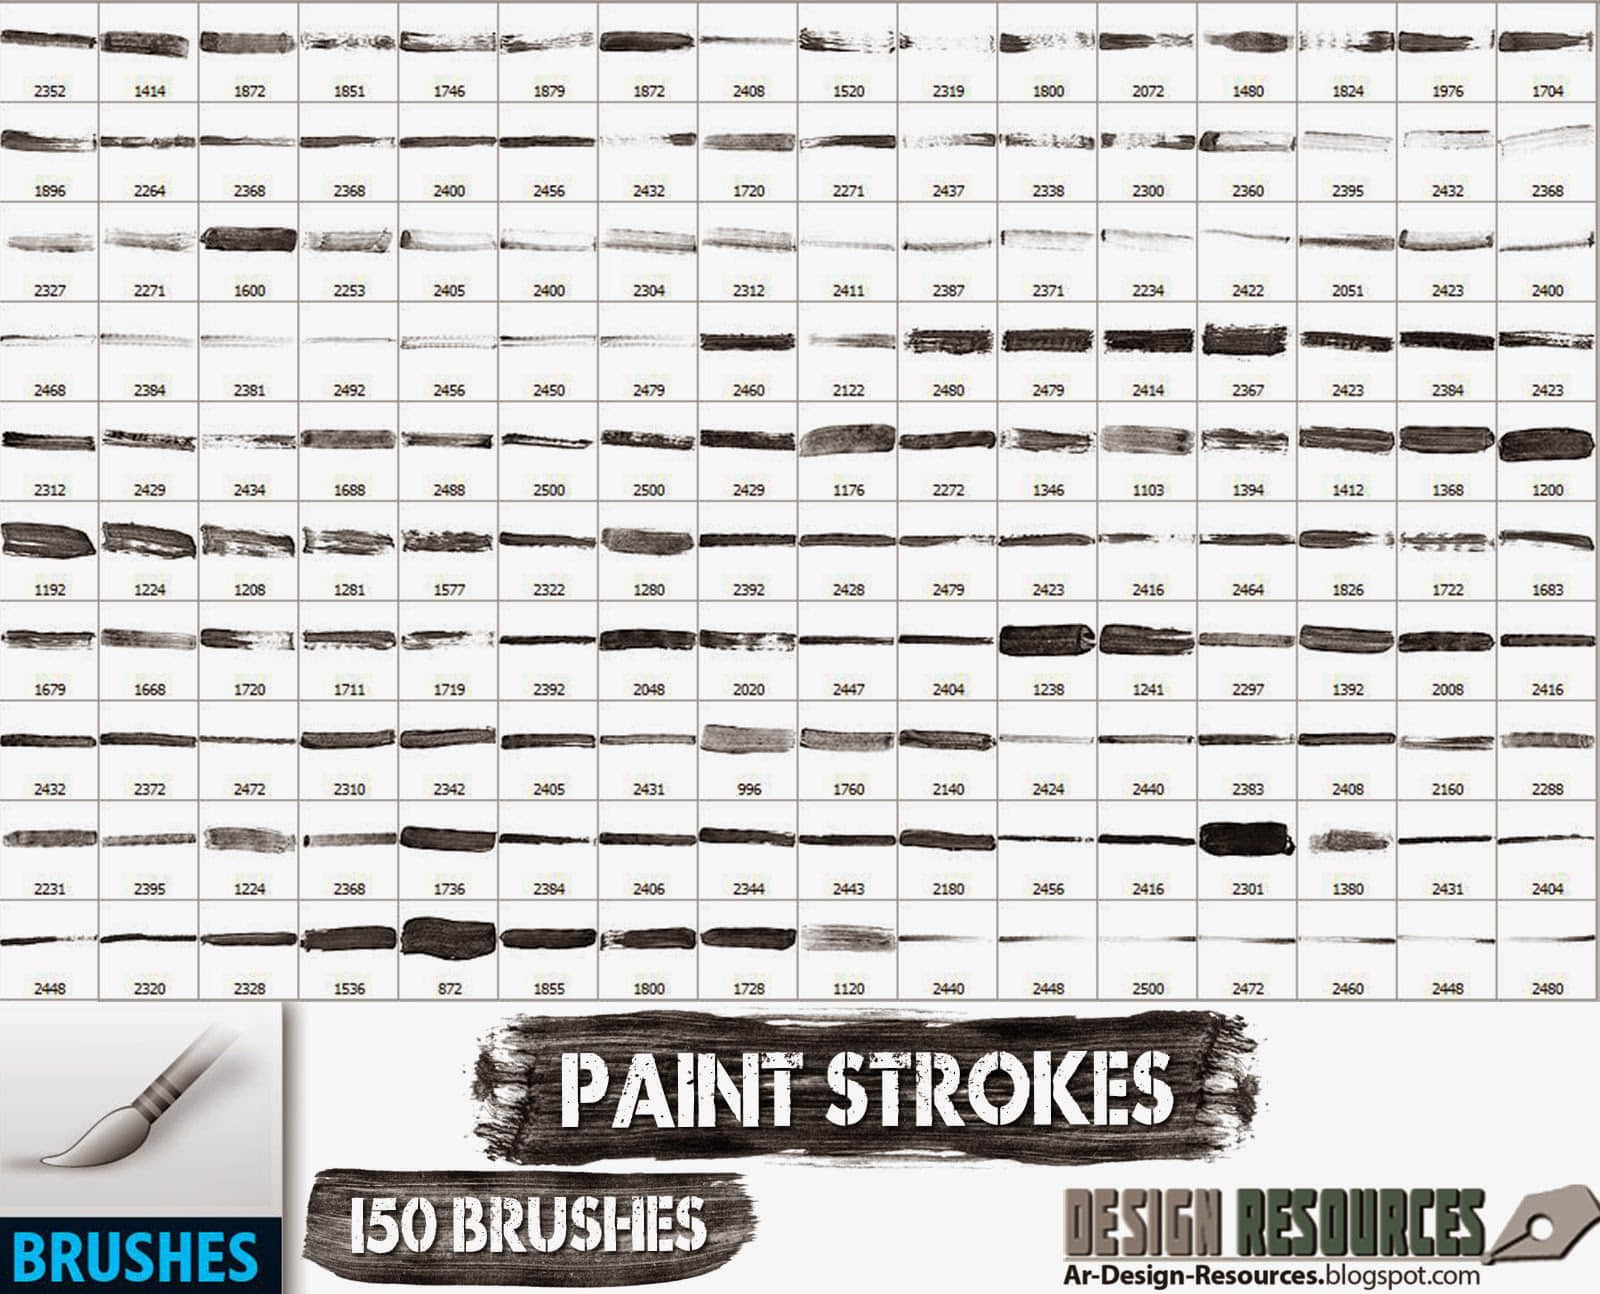 150种超级油漆、水墨划痕样式PS笔刷下载 画笔痕迹笔刷 涂抹笔刷 油漆划痕笔刷 水墨笔刷 刷子痕迹笔刷  %e6%b2%b9%e6%bc%86%e7%ac%94%e5%88%b7